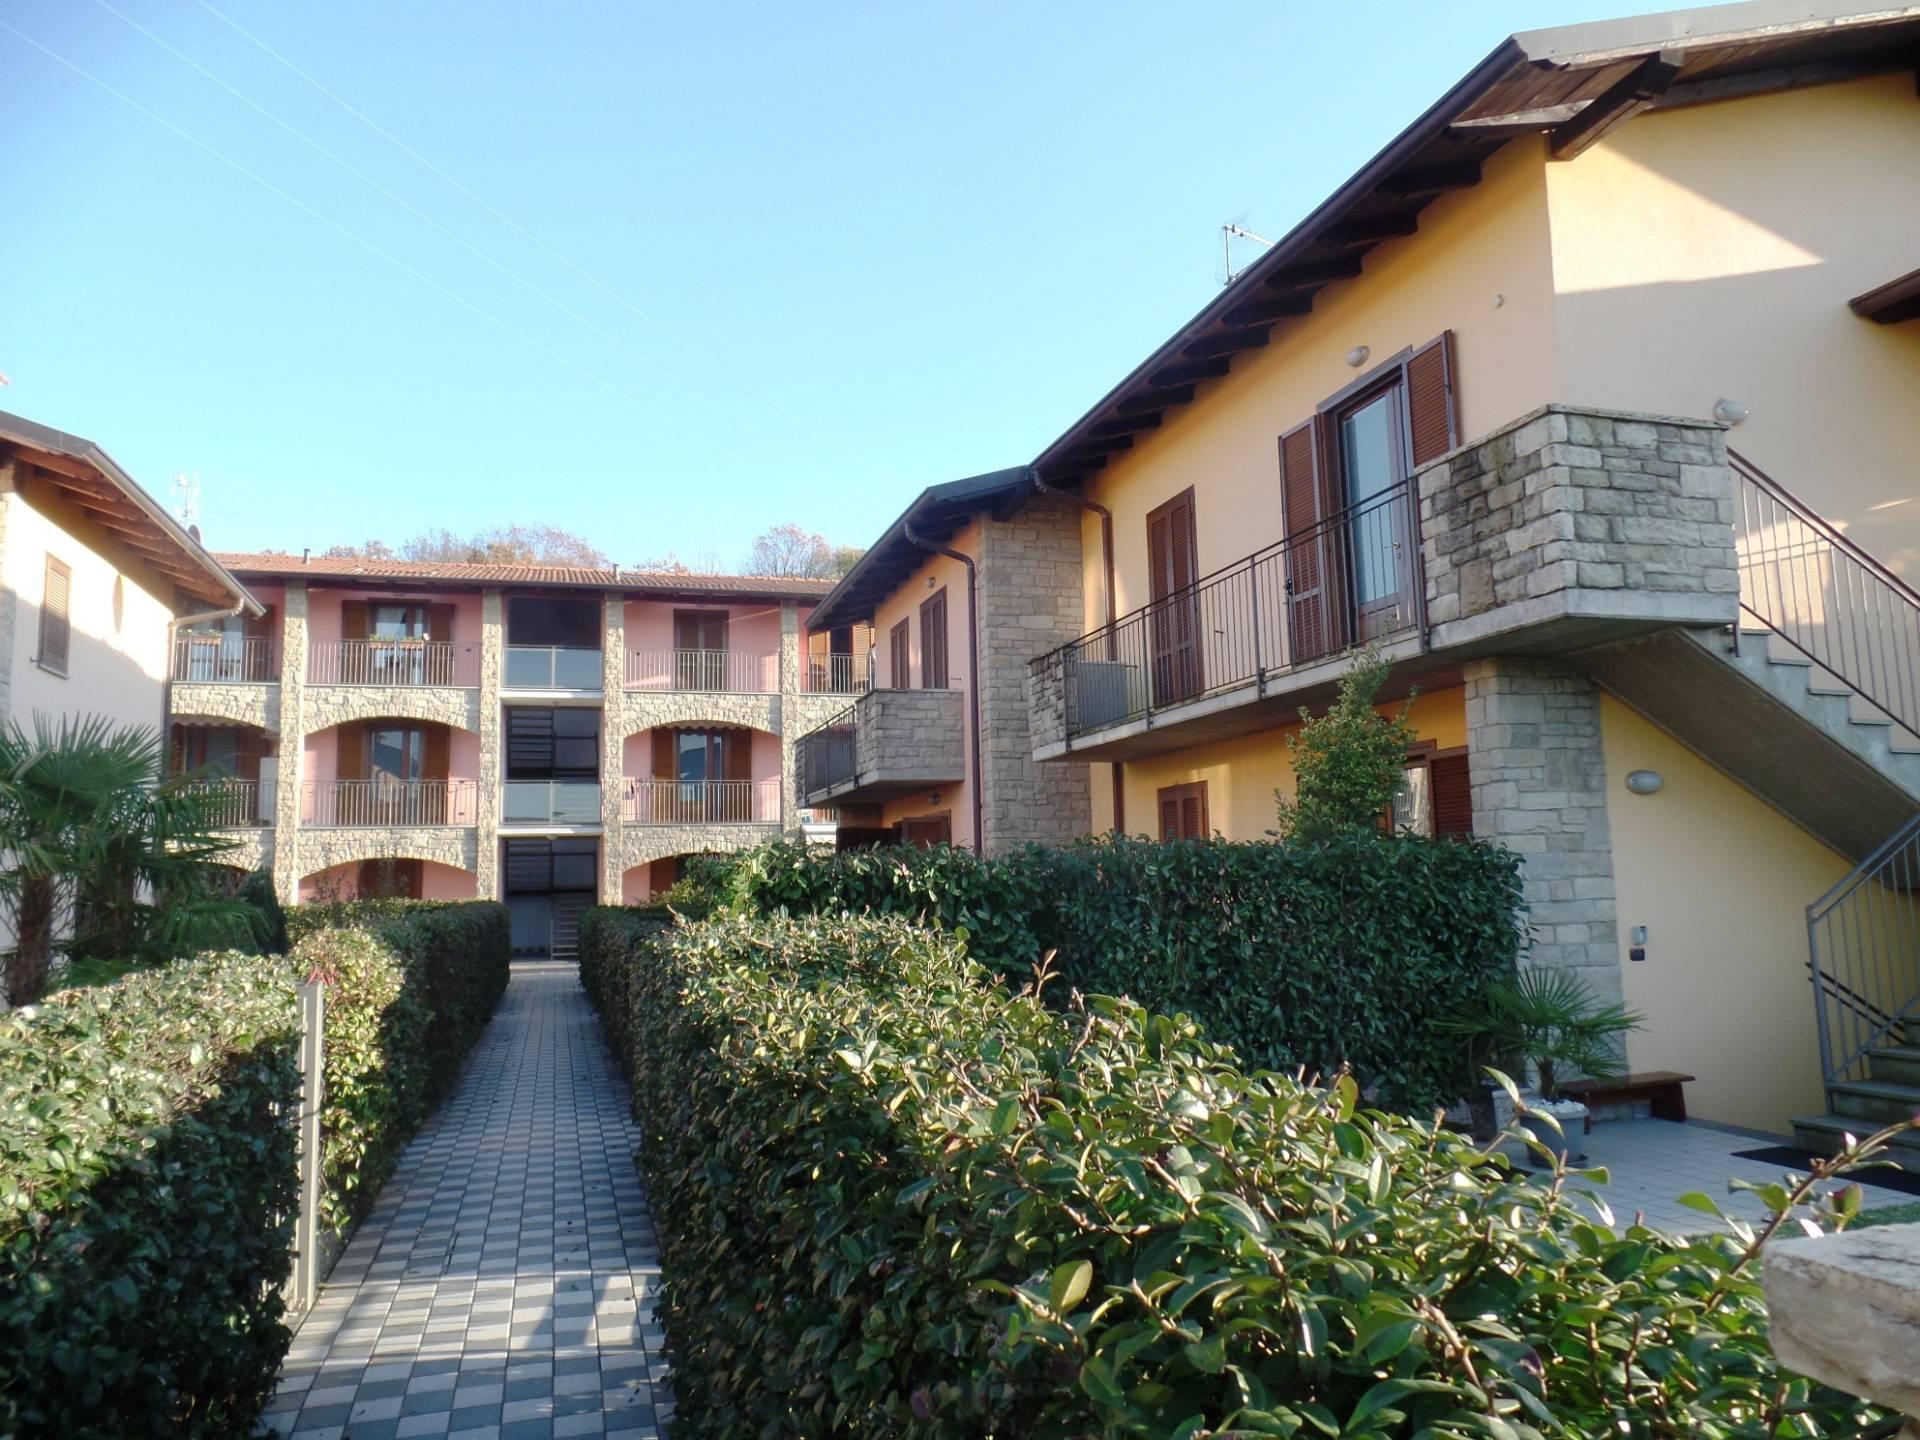 Appartamento in vendita a Albano Sant'Alessandro, 3 locali, prezzo € 259.000 | CambioCasa.it